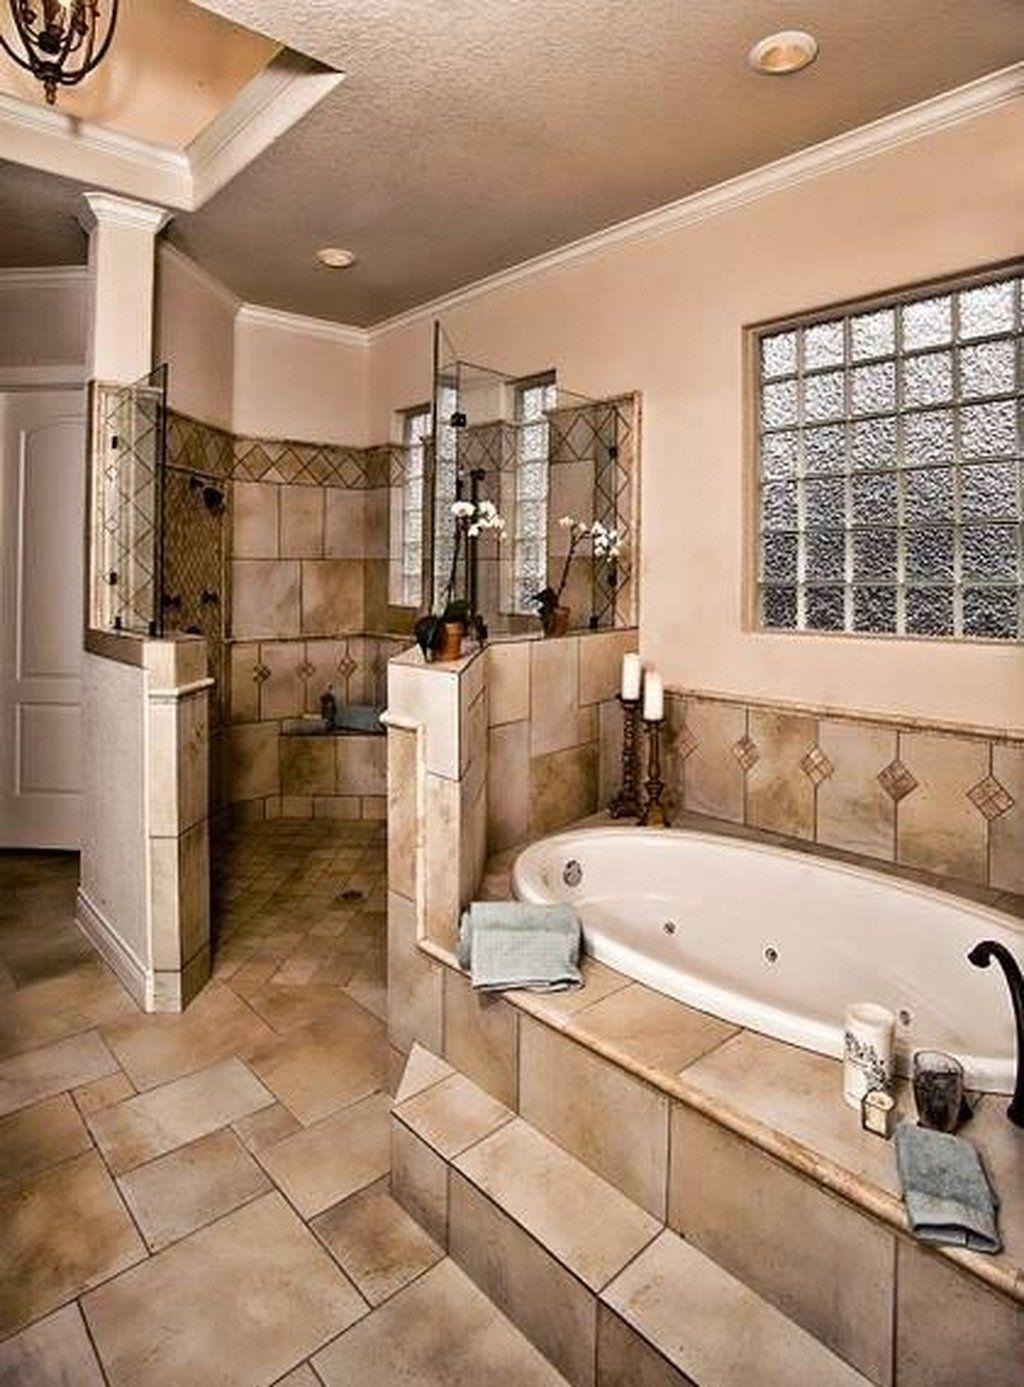 Dream Bathroom Master Baths Ideas Https Www Mobmasker Com Dream Bathroom Master Baths Ideas Dream Bathroom Master Baths Stylish Bathroom Dream Bathrooms